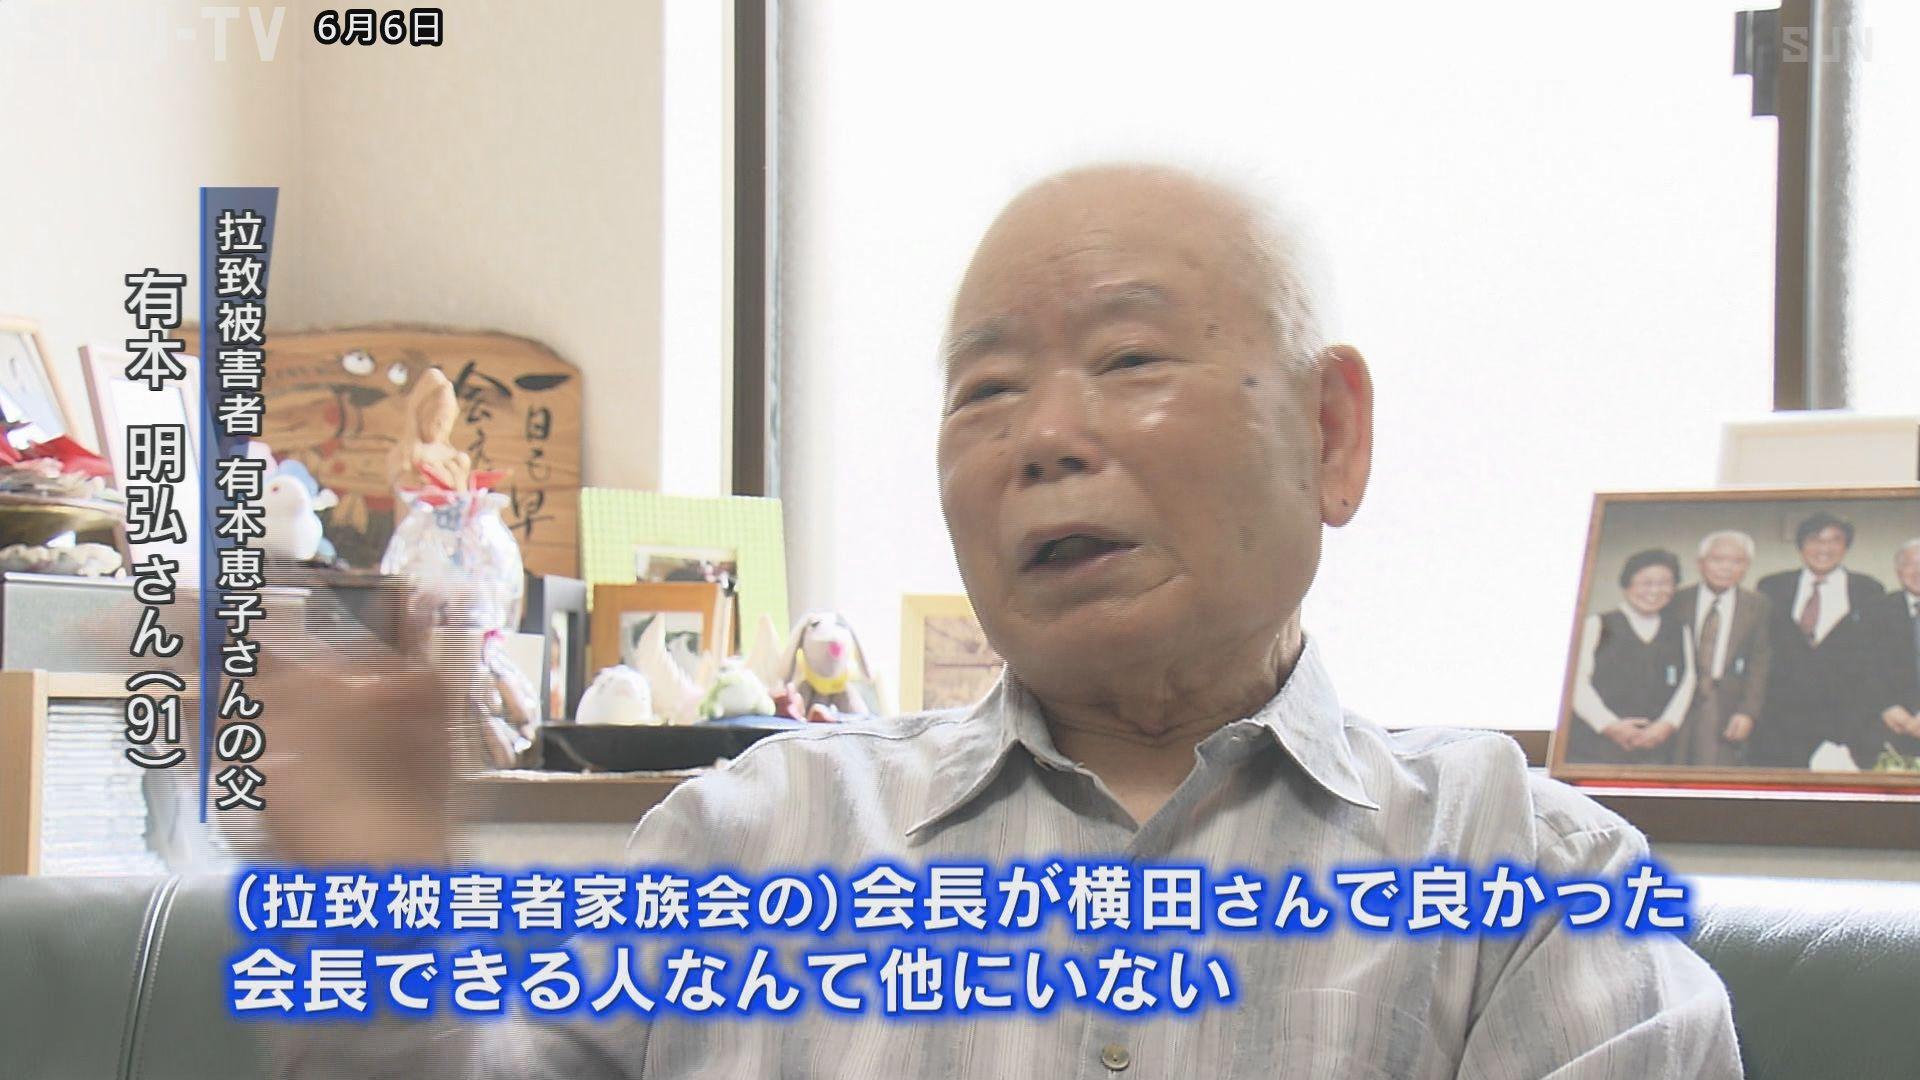 拉致被害者家族 横田滋さんが死去   サンテレビニュース